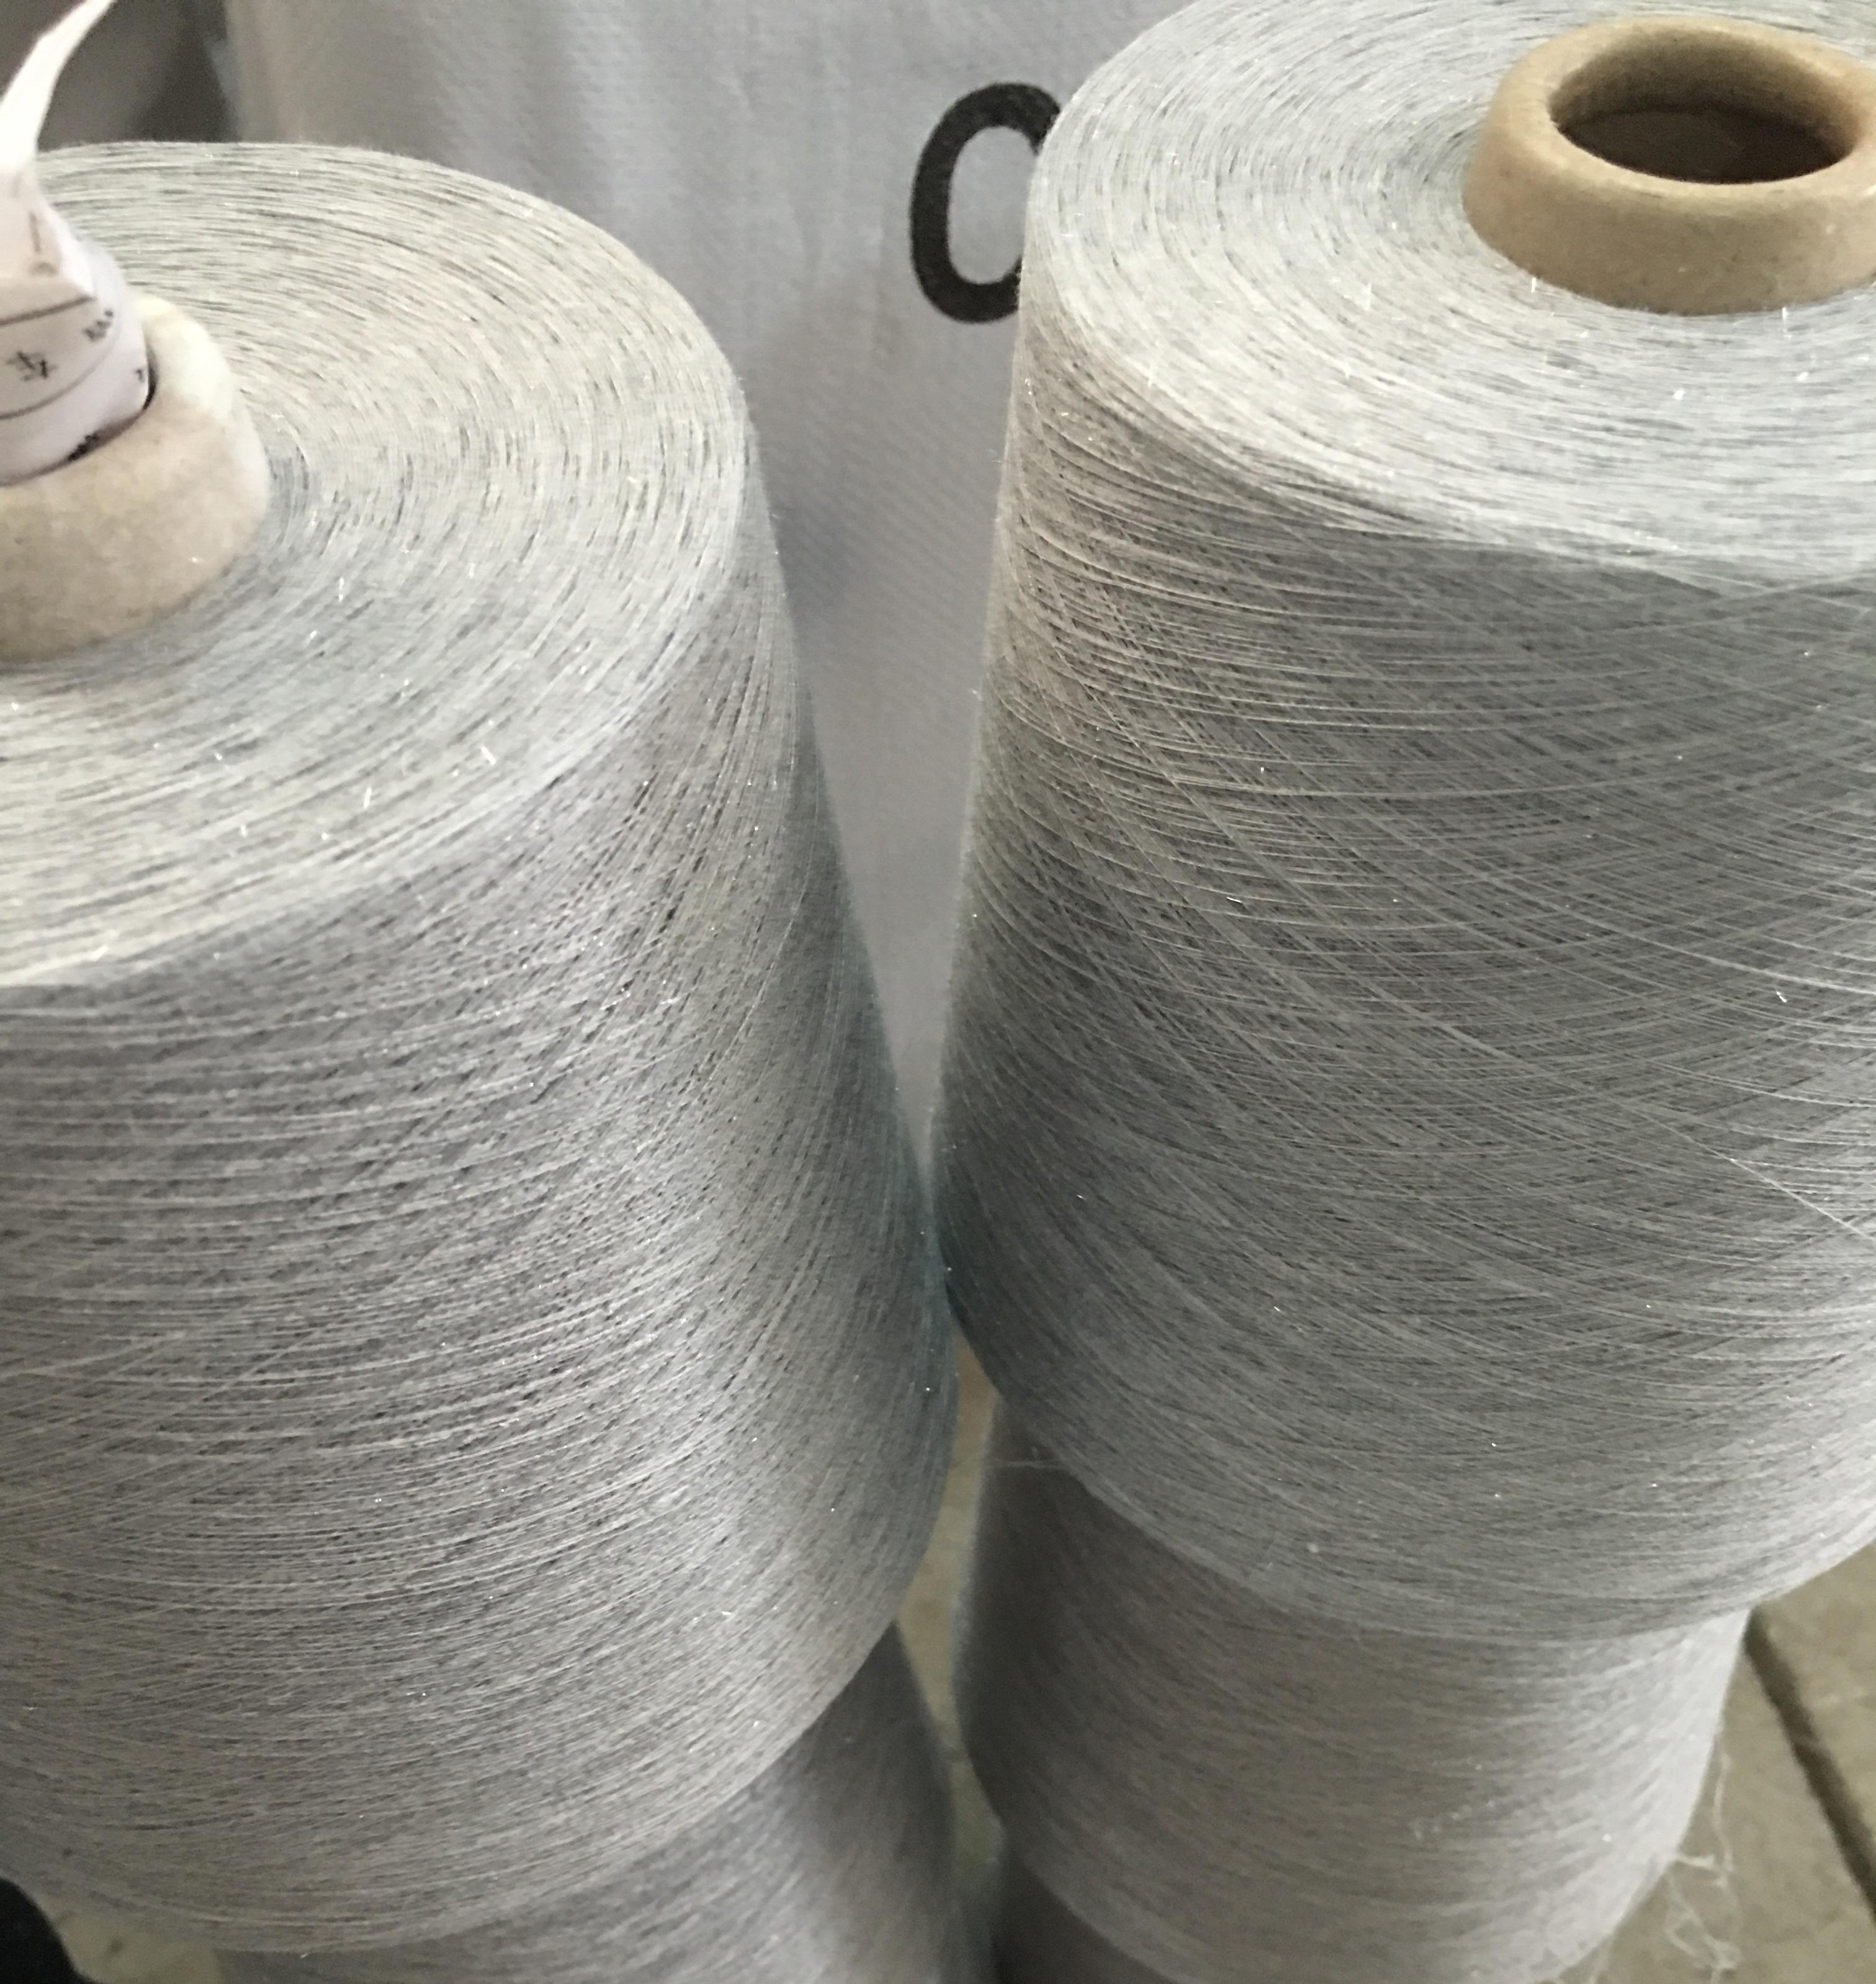 金银丝纱 现货有棉加金银丝纱 涤棉加金银丝纱 涤粘加银丝纱可以定纺生产